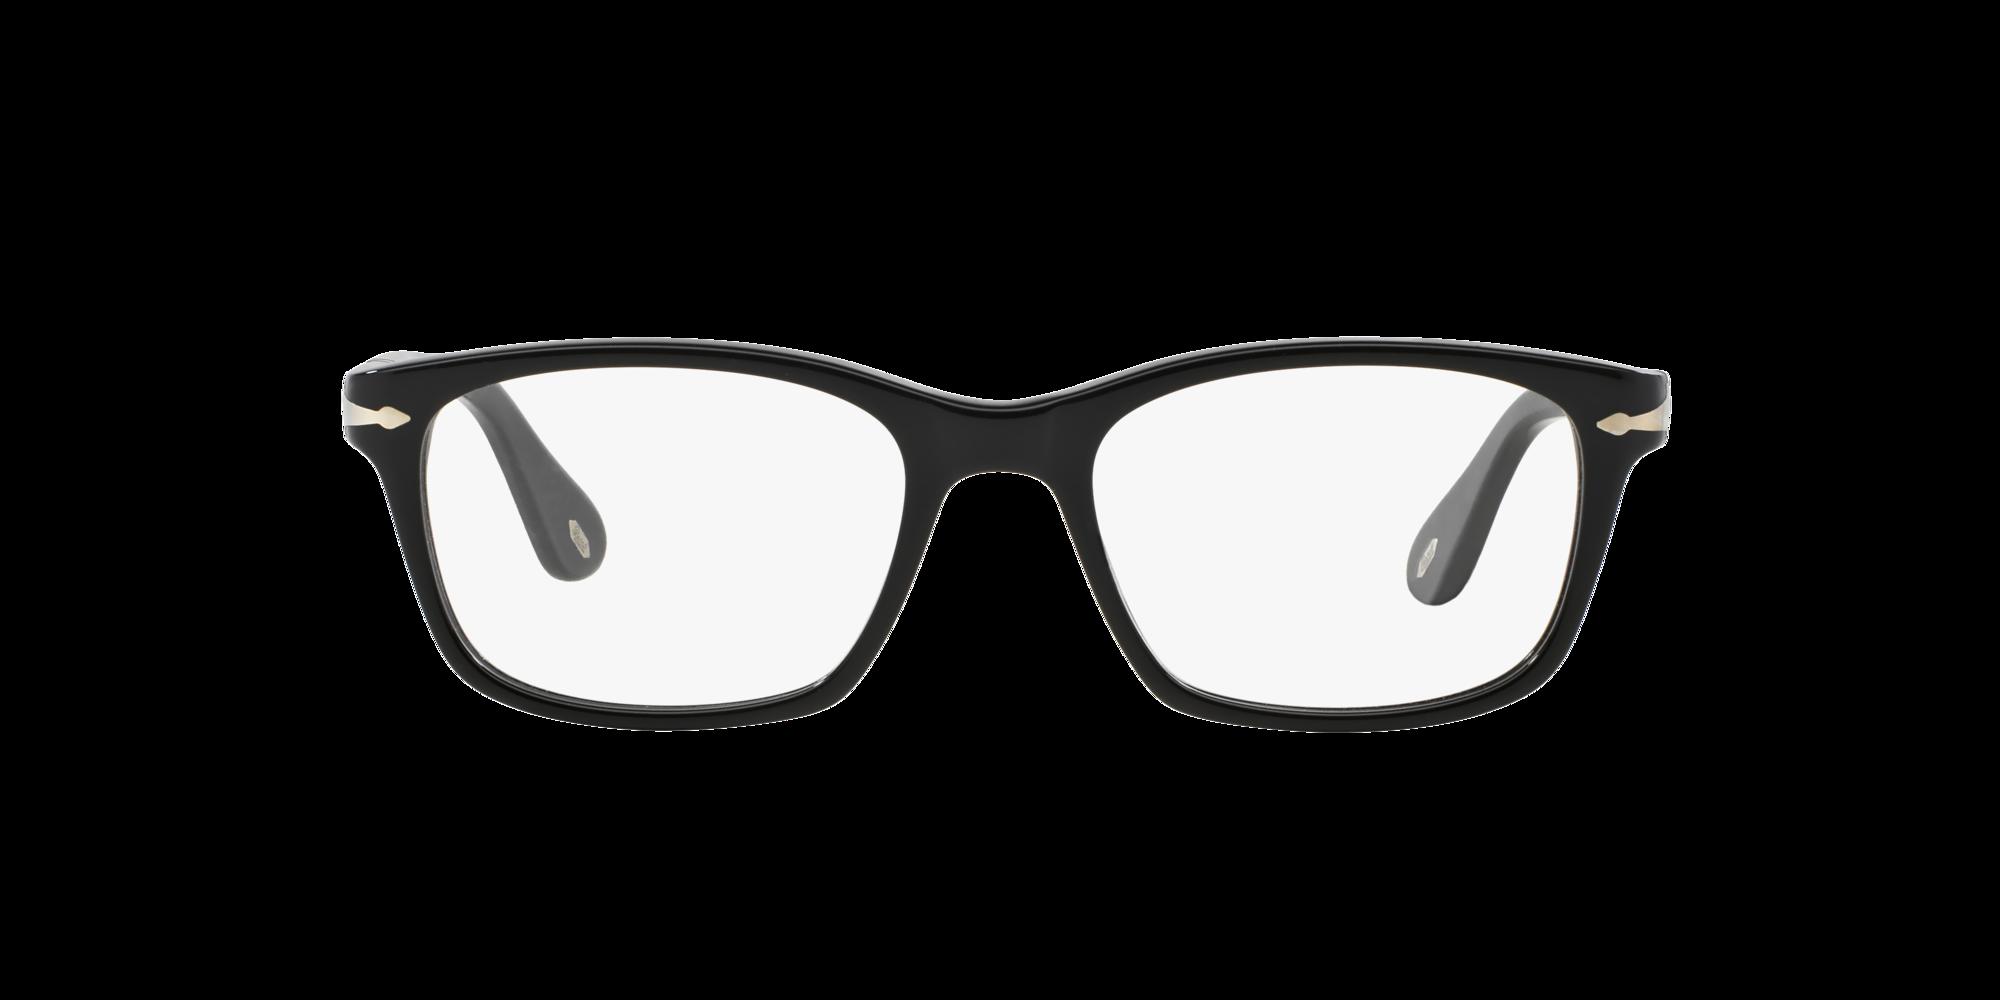 Imagen para PO3012V de LensCrafters |  Espejuelos, espejuelos graduados en línea, gafas